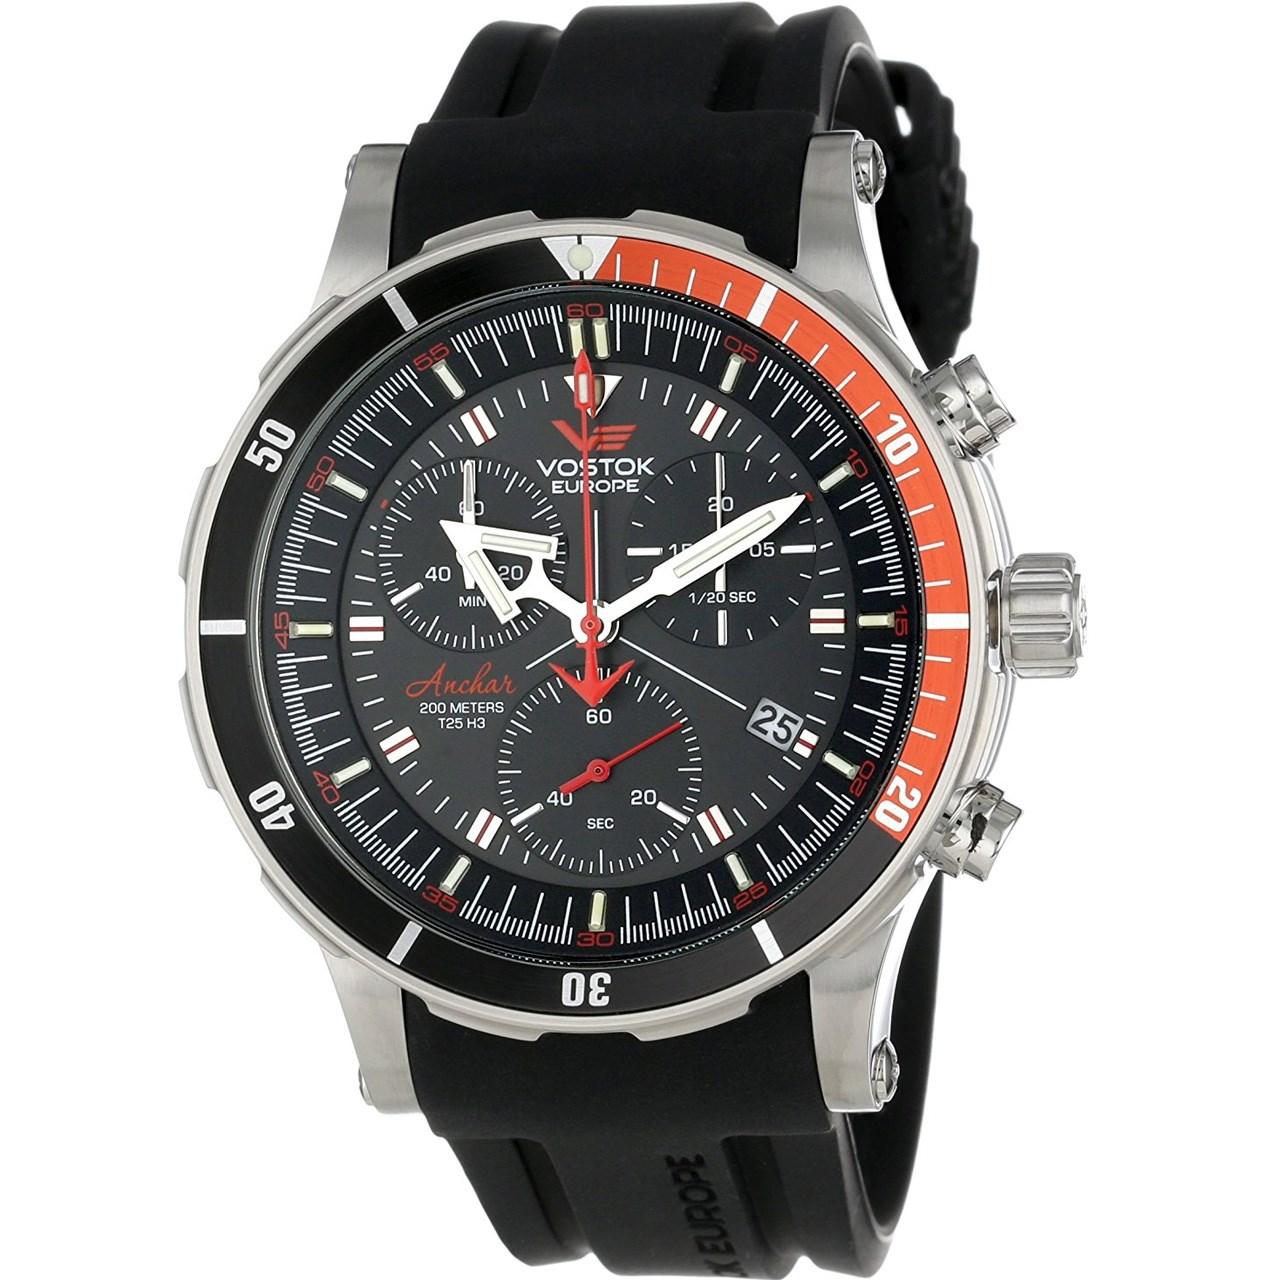 ساعت مچی عقربه ای مردانه وستوک یوروپ مدل 6S30-5105201 تولید محدود